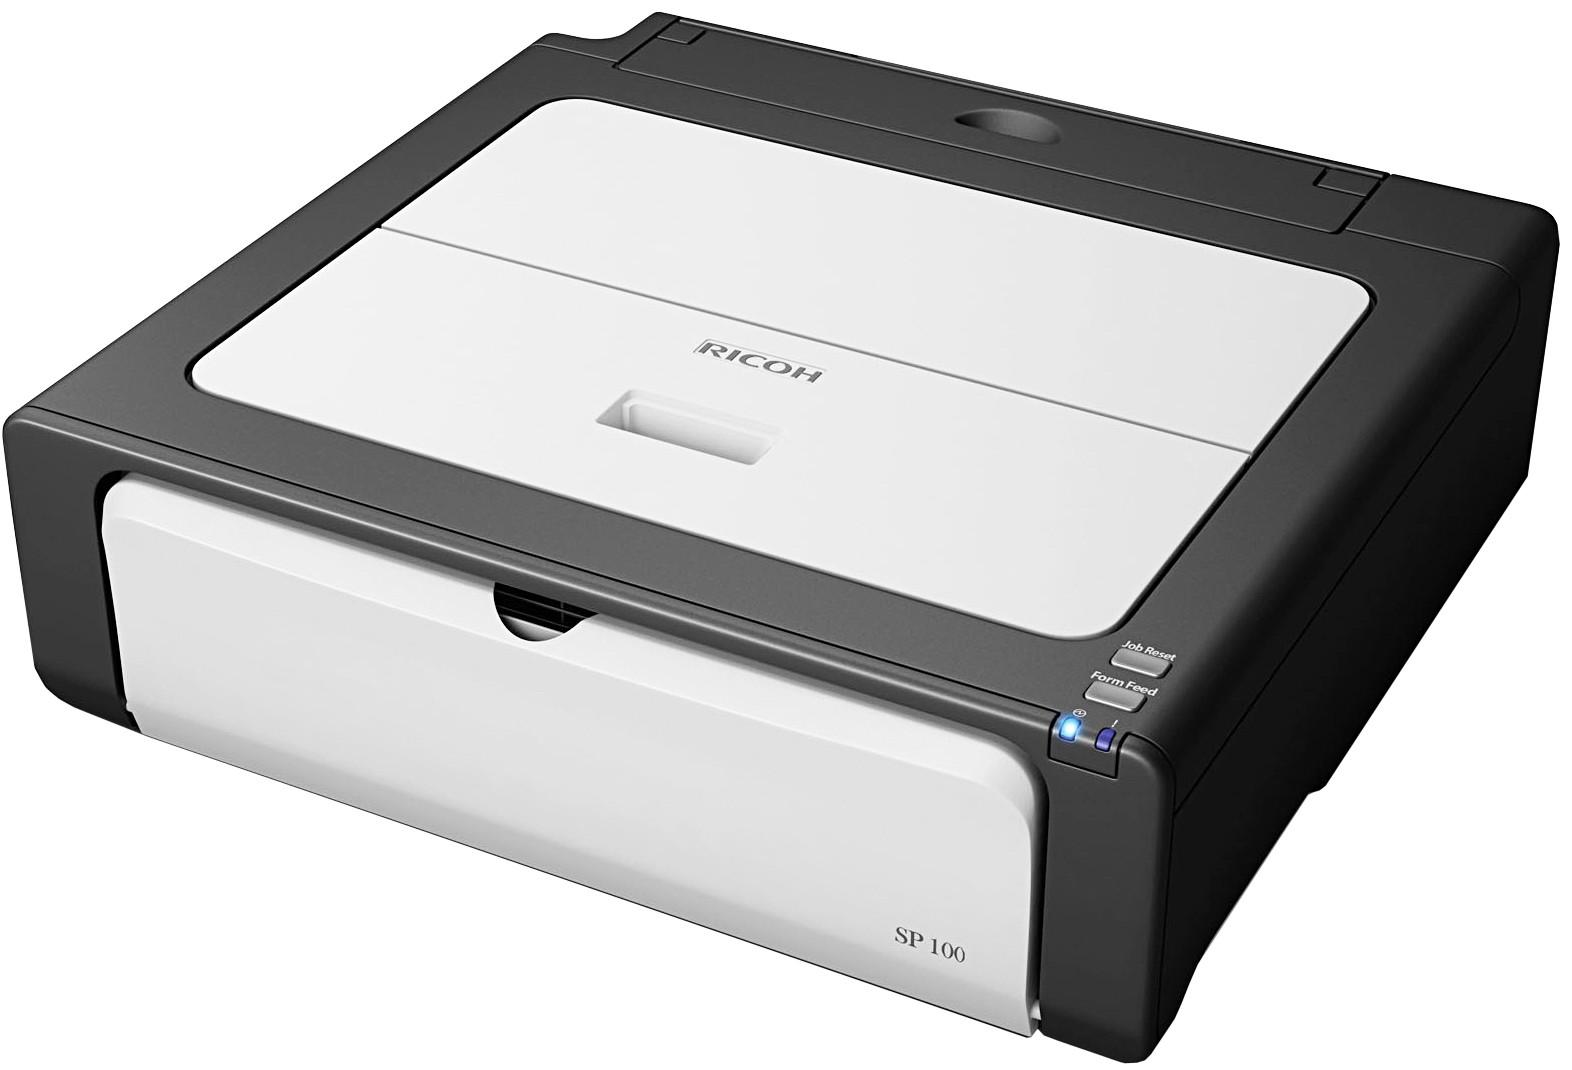 Заправка принтера Ricoh Aficio SP 100